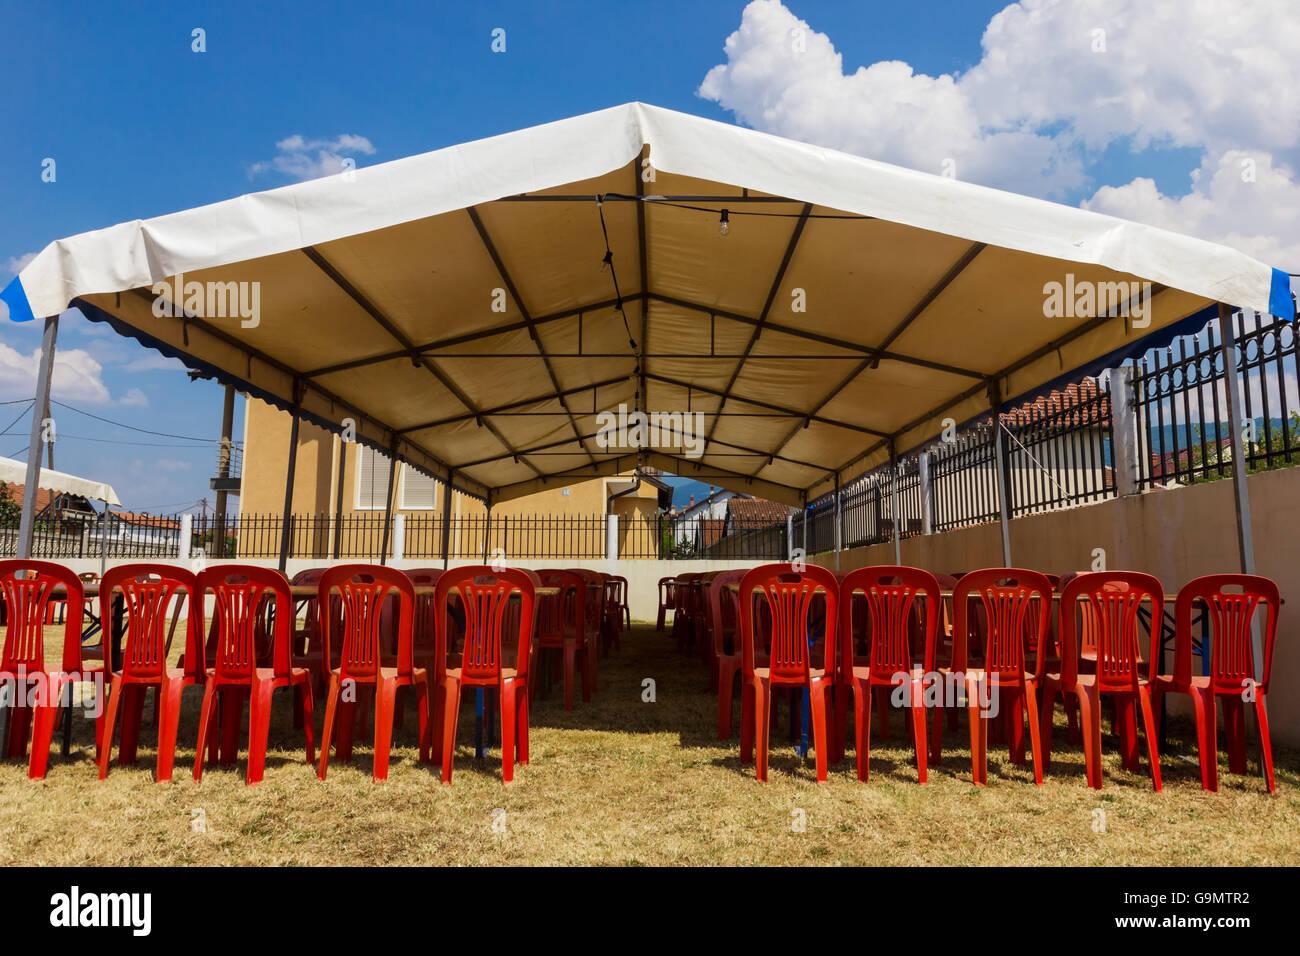 Stock Sedie In Plastica.Intrattenimento Bianco Tenda Rossa Con Sedie Di Plastica In Giardino